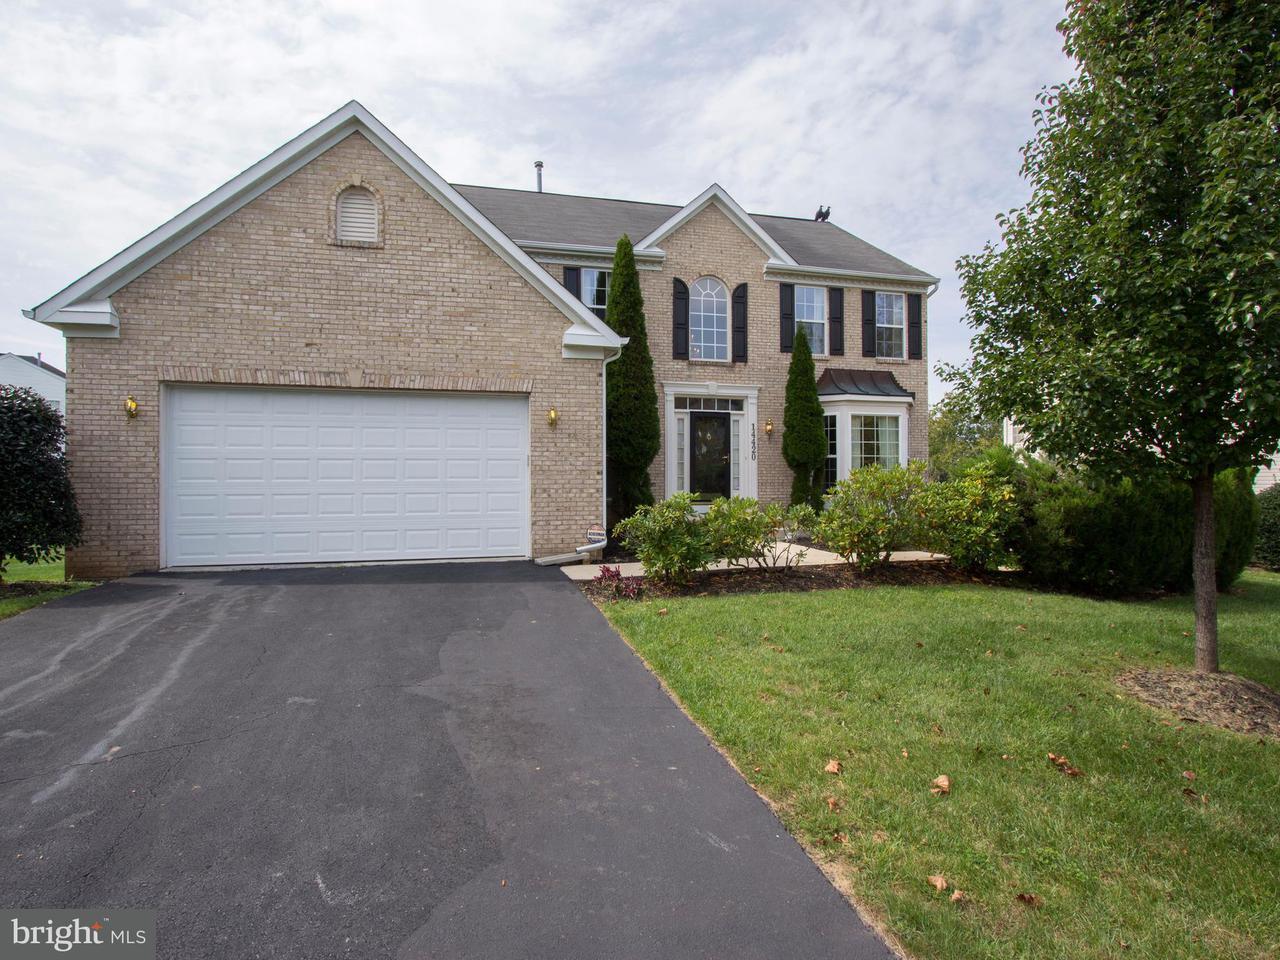 Частный односемейный дом для того Продажа на 14420 AUTUMN CREST Road 14420 AUTUMN CREST Road Boyds, Мэриленд 20841 Соединенные Штаты